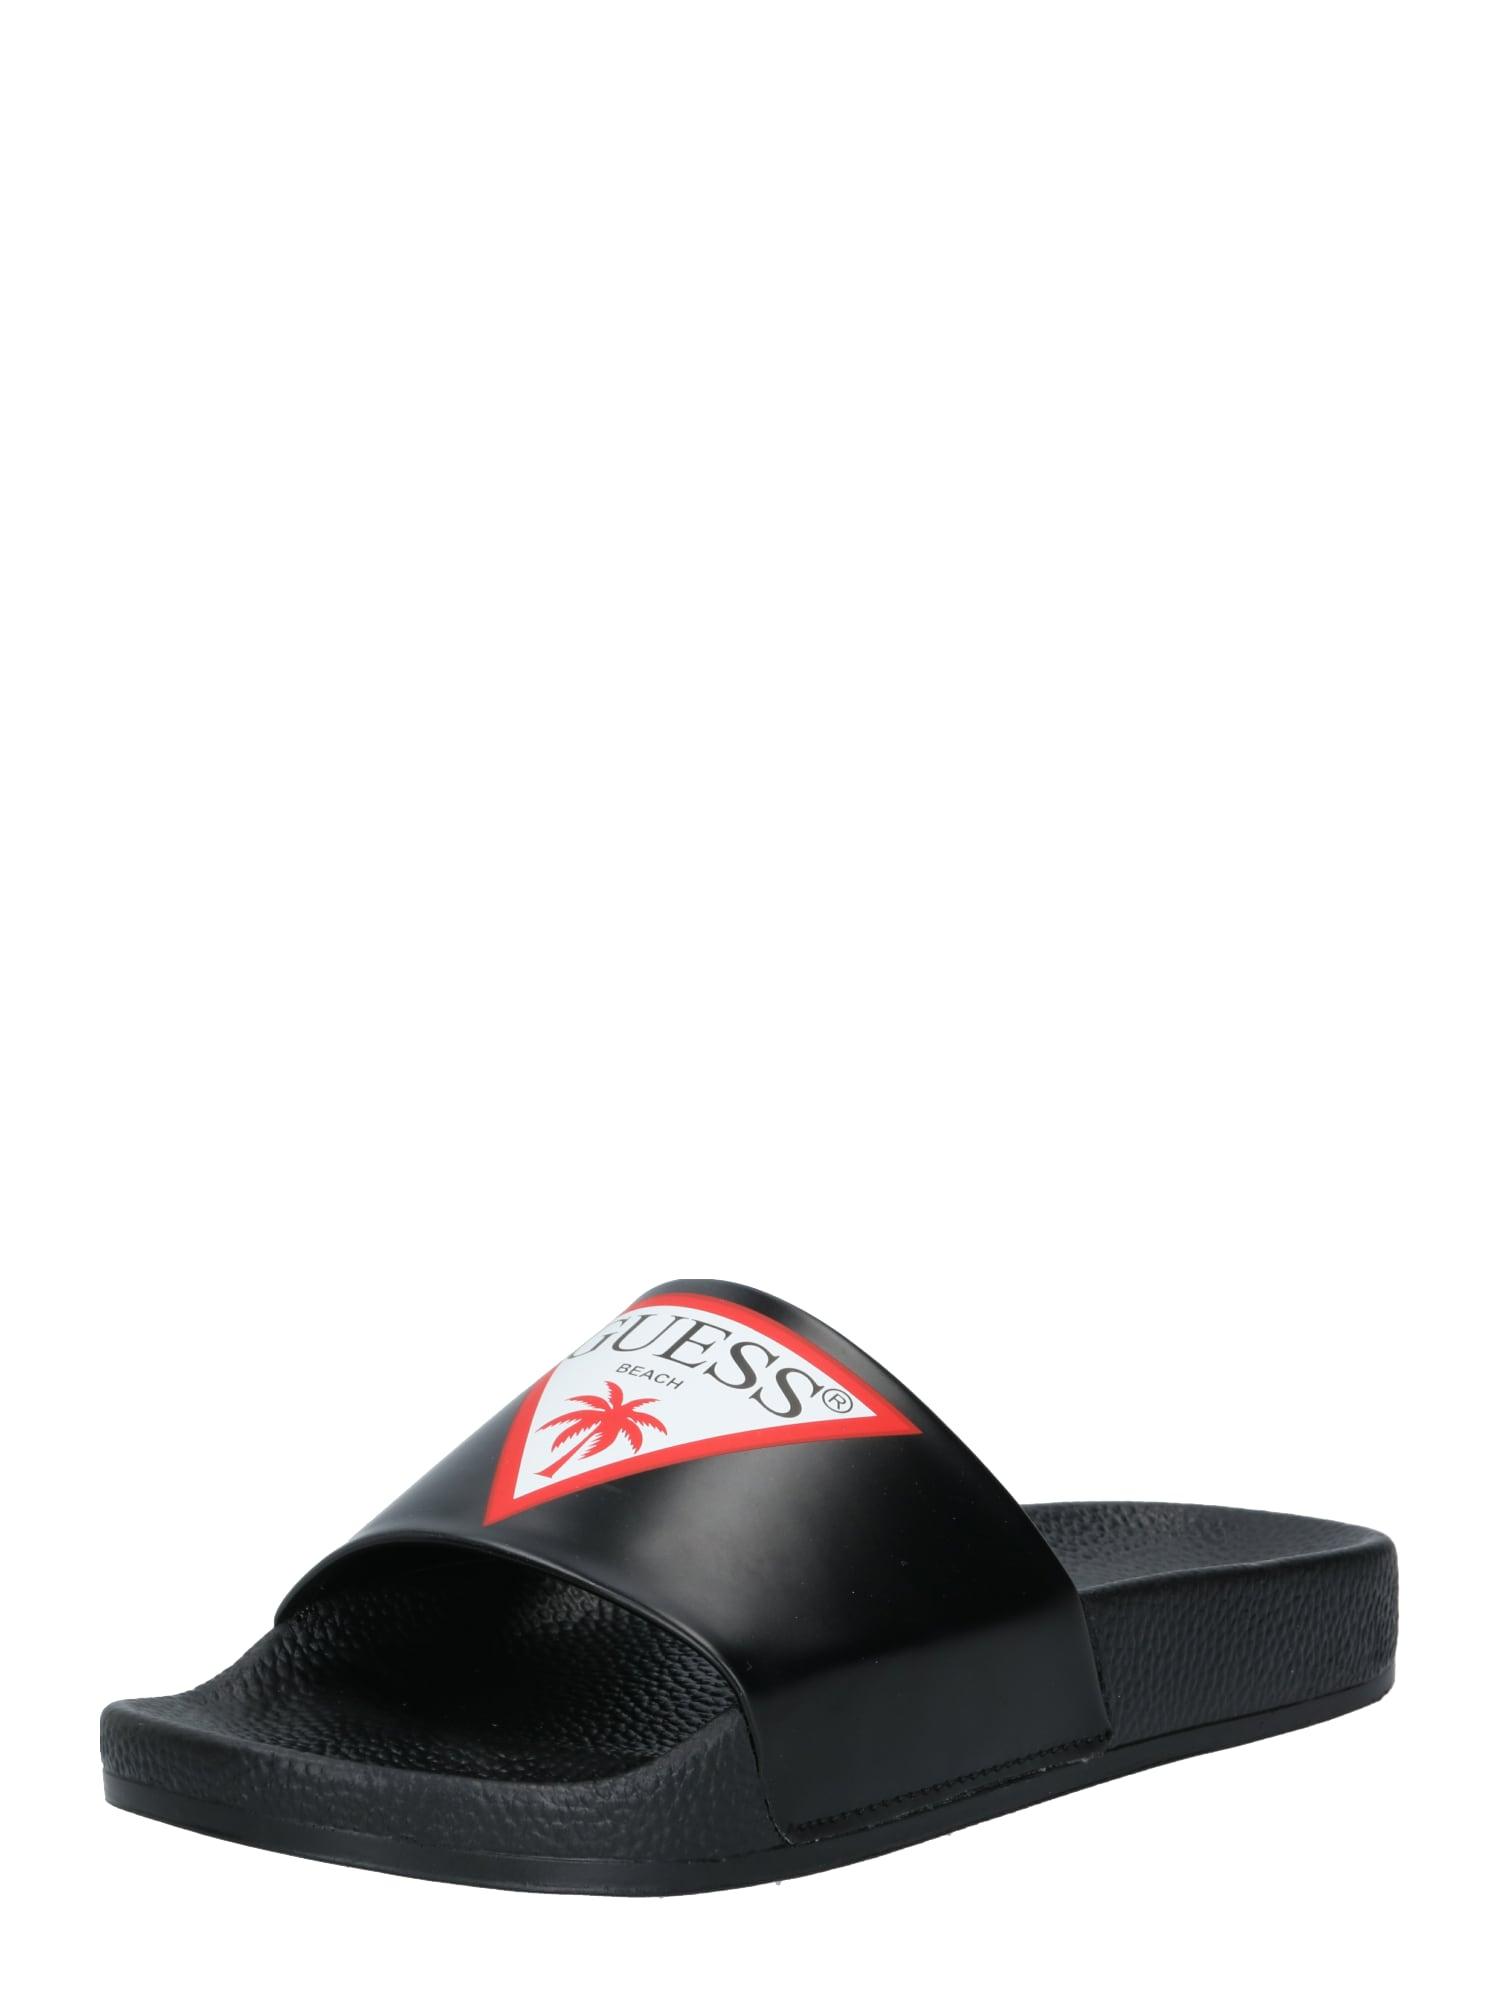 GUESS Flip-flops 'Slides'  negru